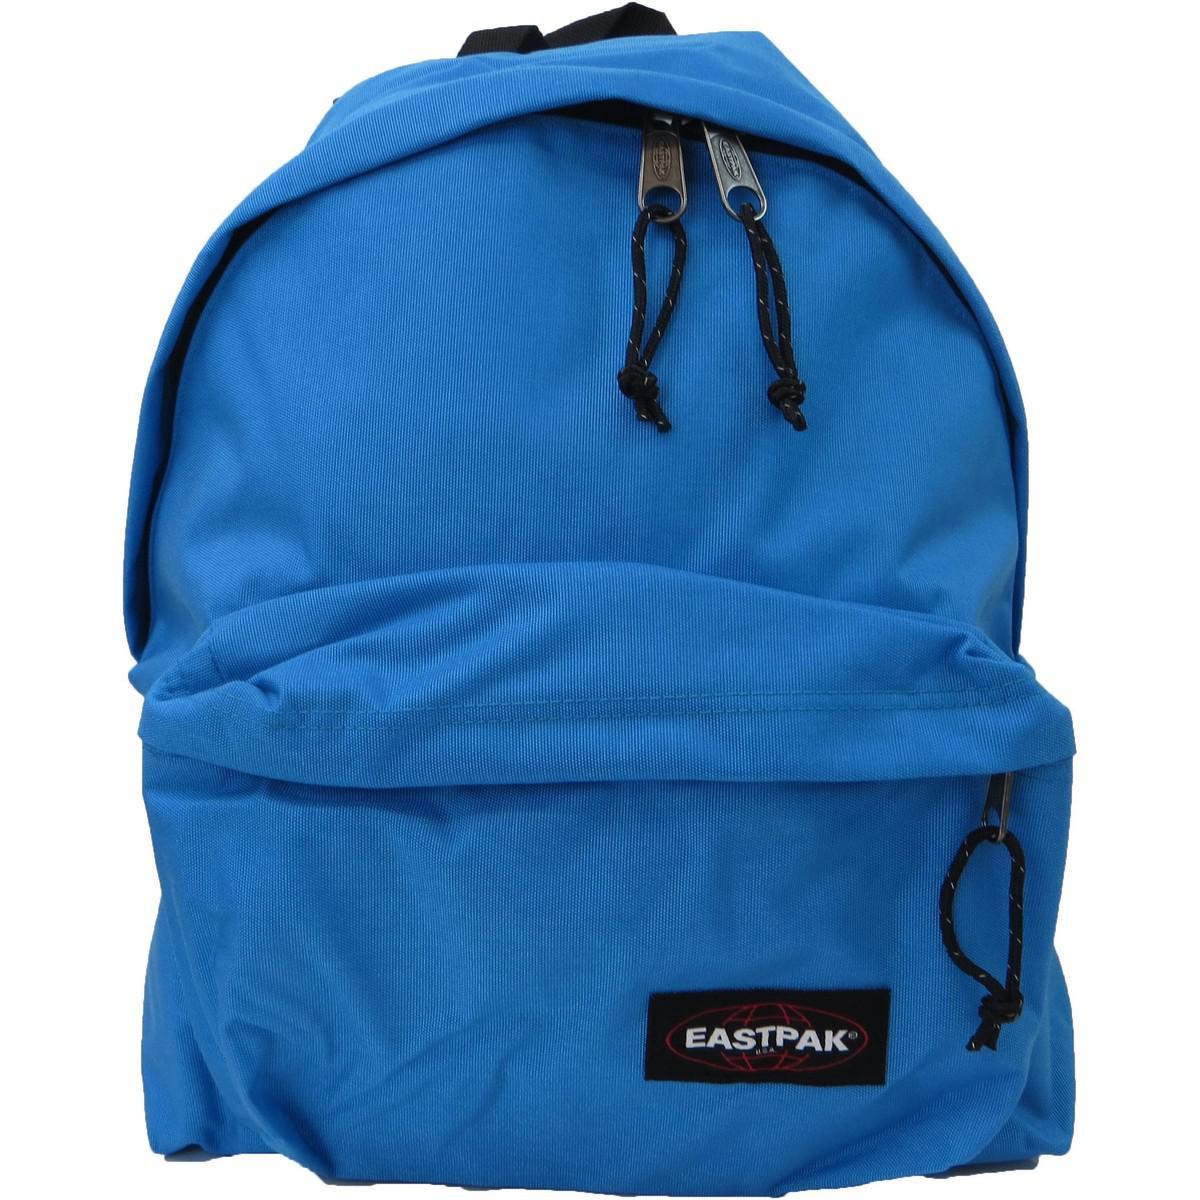 Eastpak Padded Pak r Boys s Children s Backpack In Blue in Blue for ... 105df1da767d0